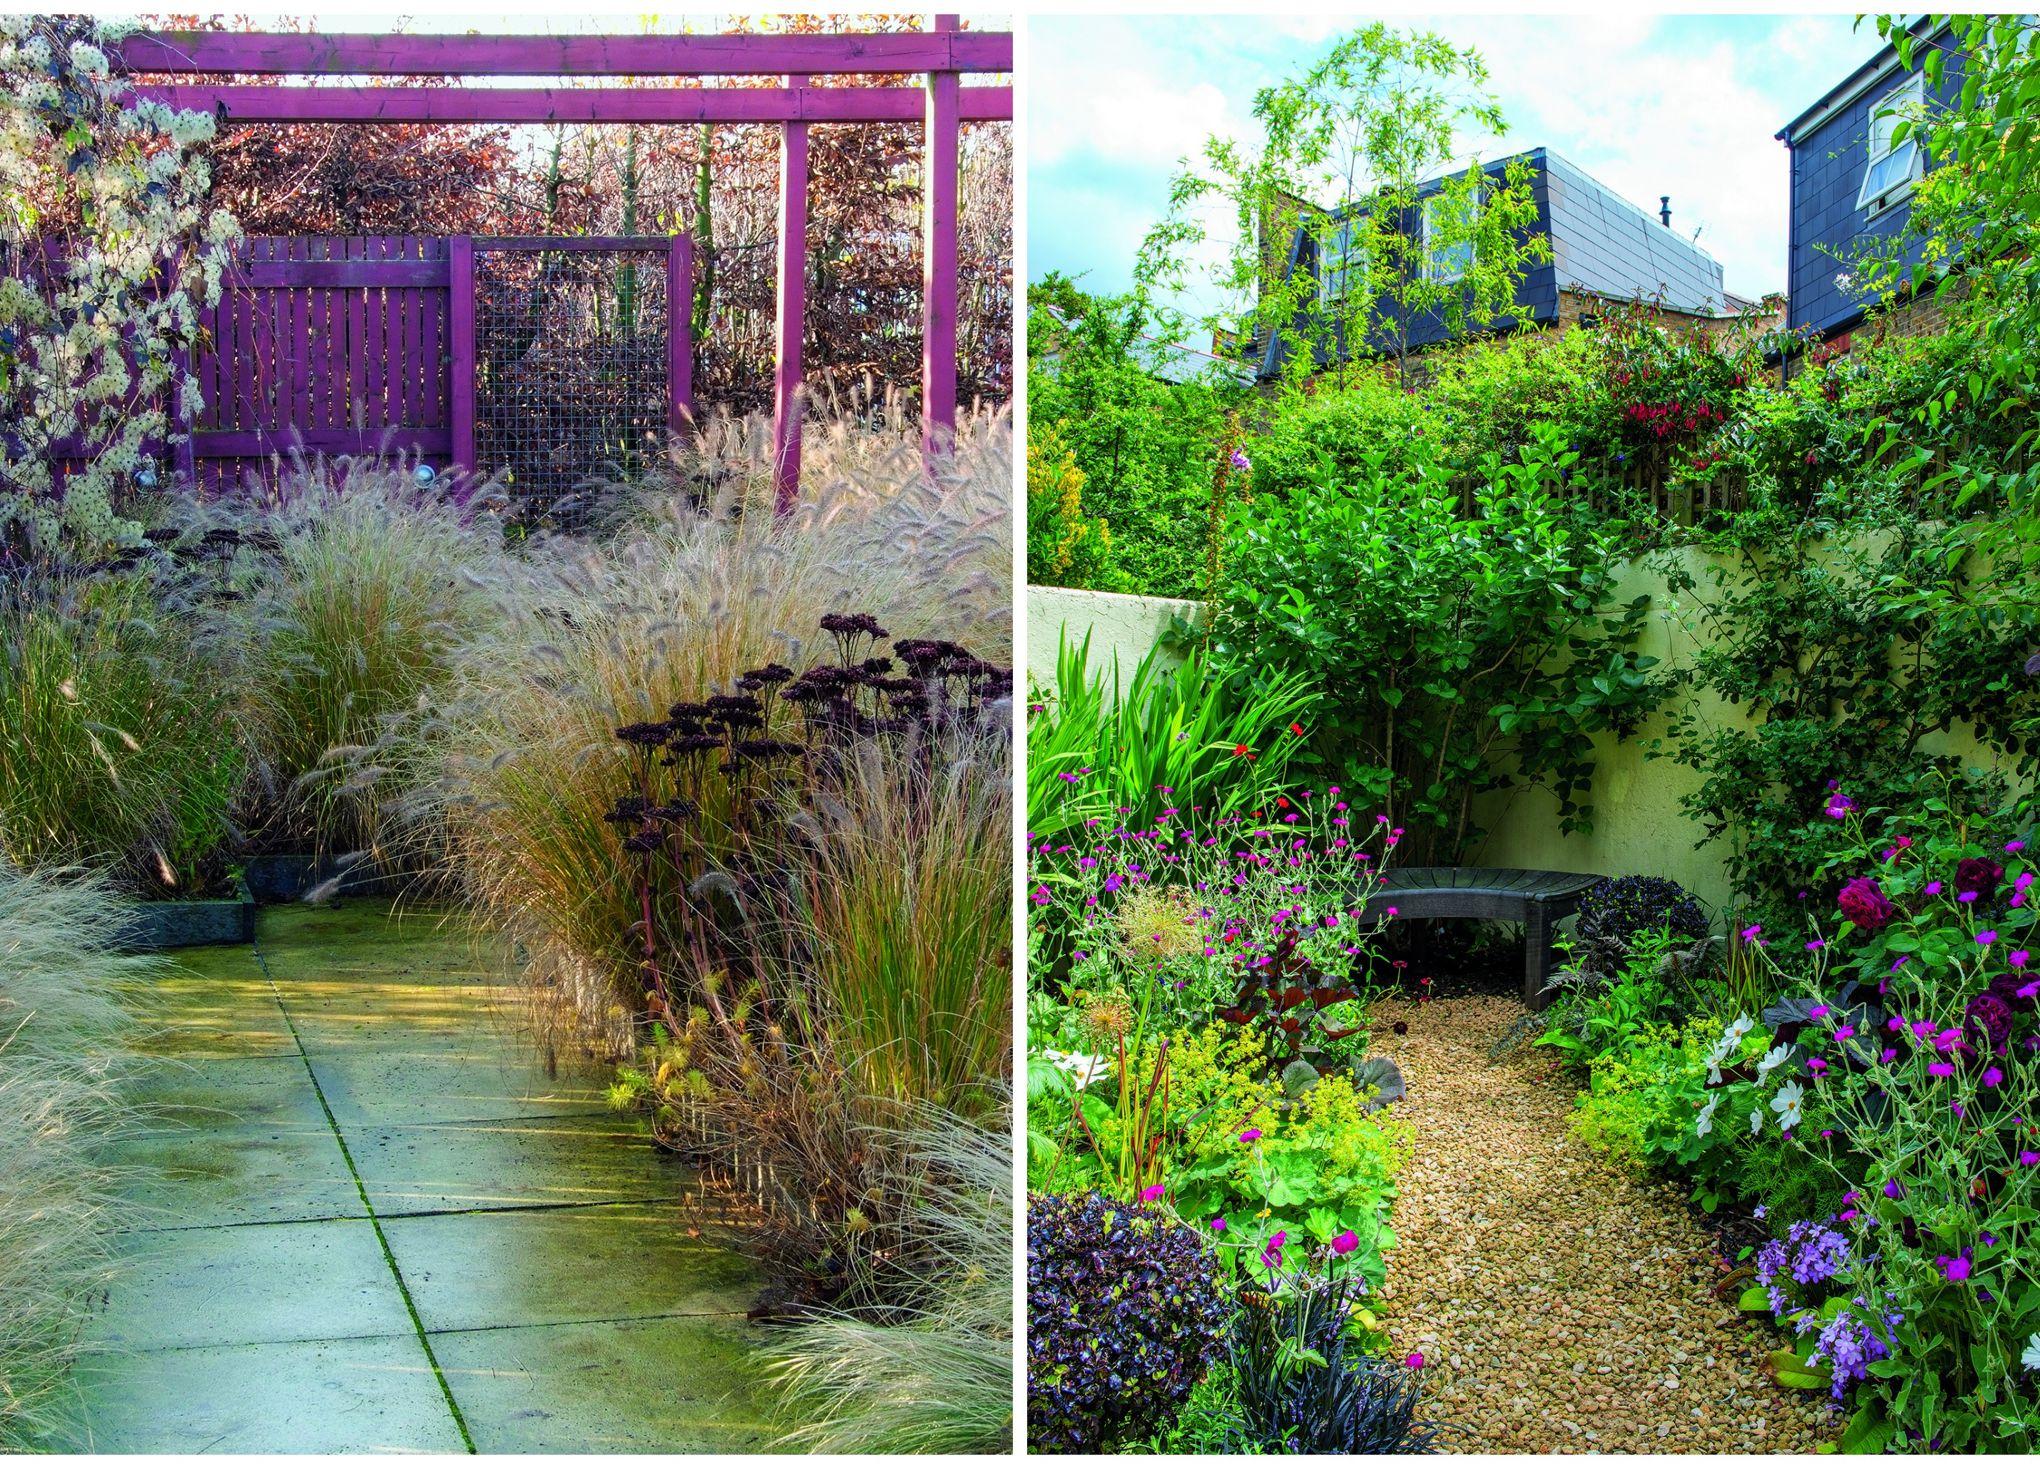 Des Astuces Pour Aménager Un Petit Jardin En Ville encequiconcerne Amenager Jardin Rectangulaire